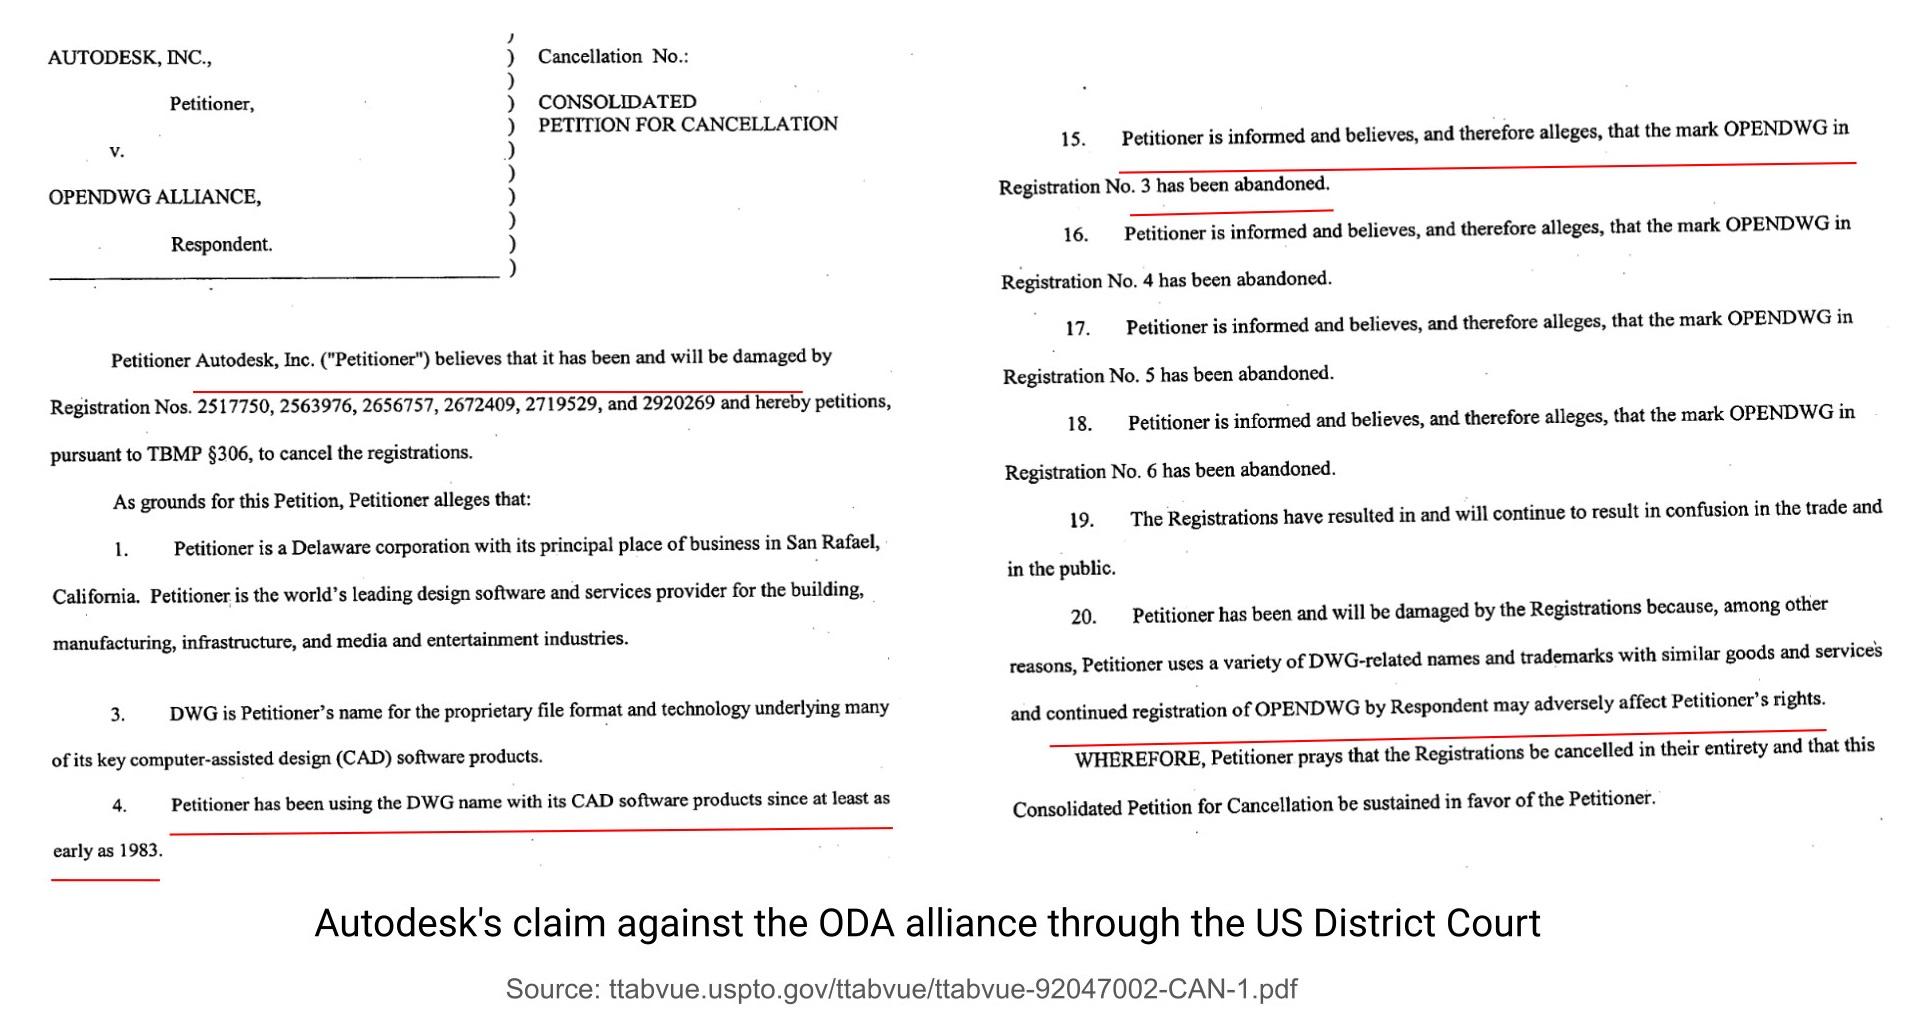 Иск компании Autodesk к альянсу ODA через Американский окружной суд (US District Court)